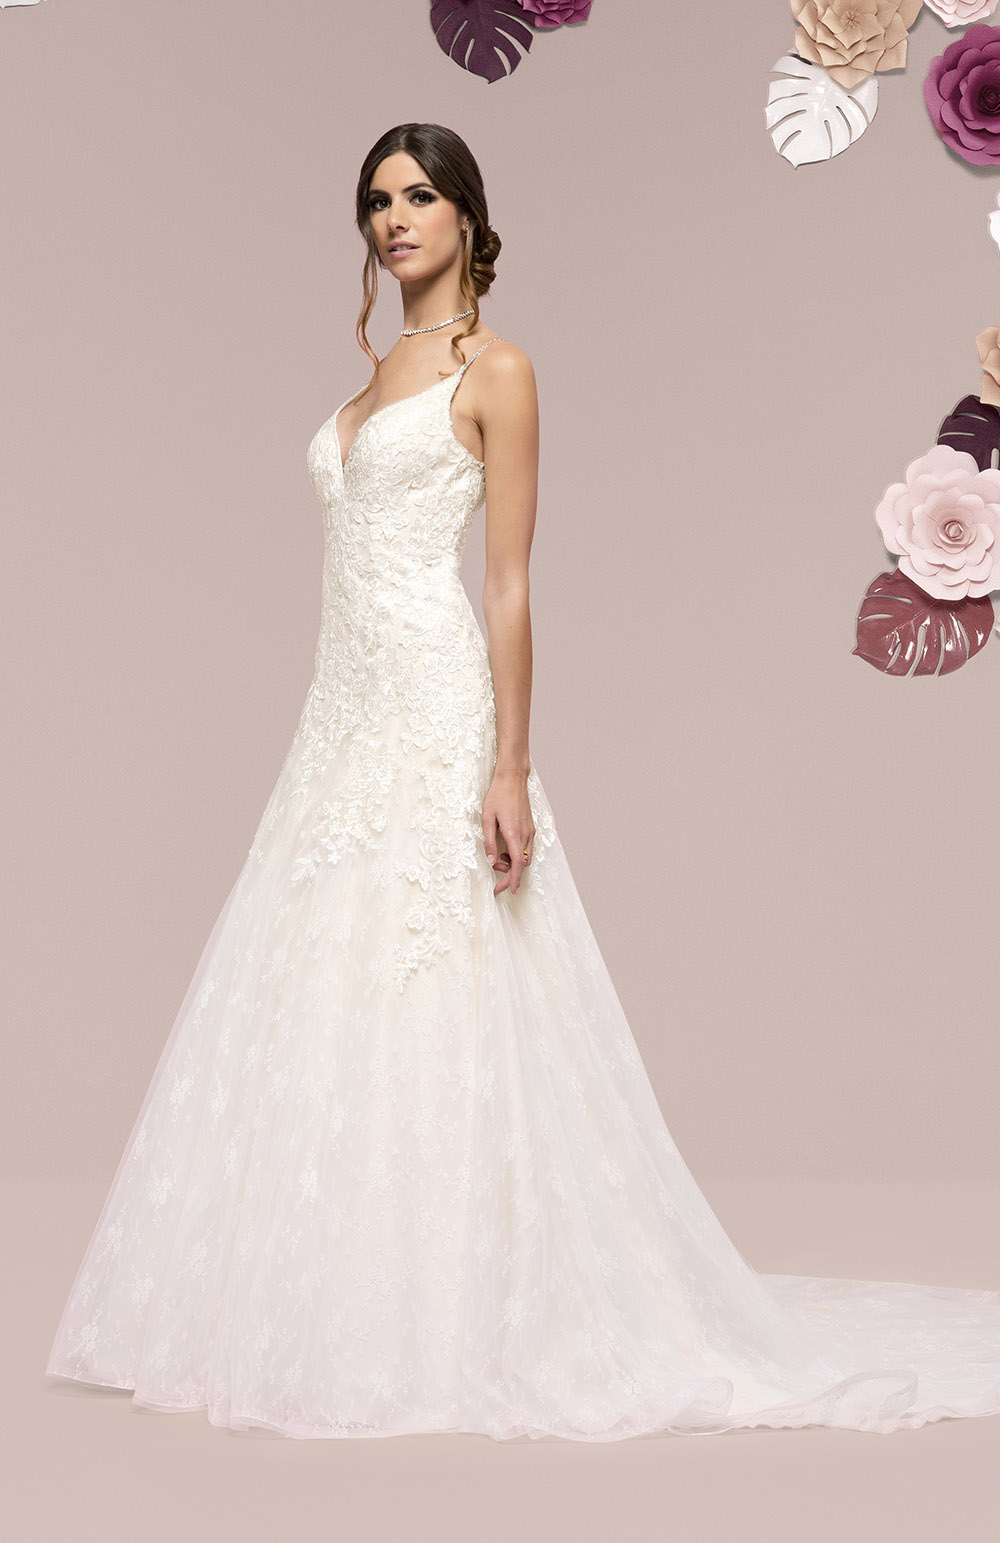 Robe de mariée Modèle Velvet